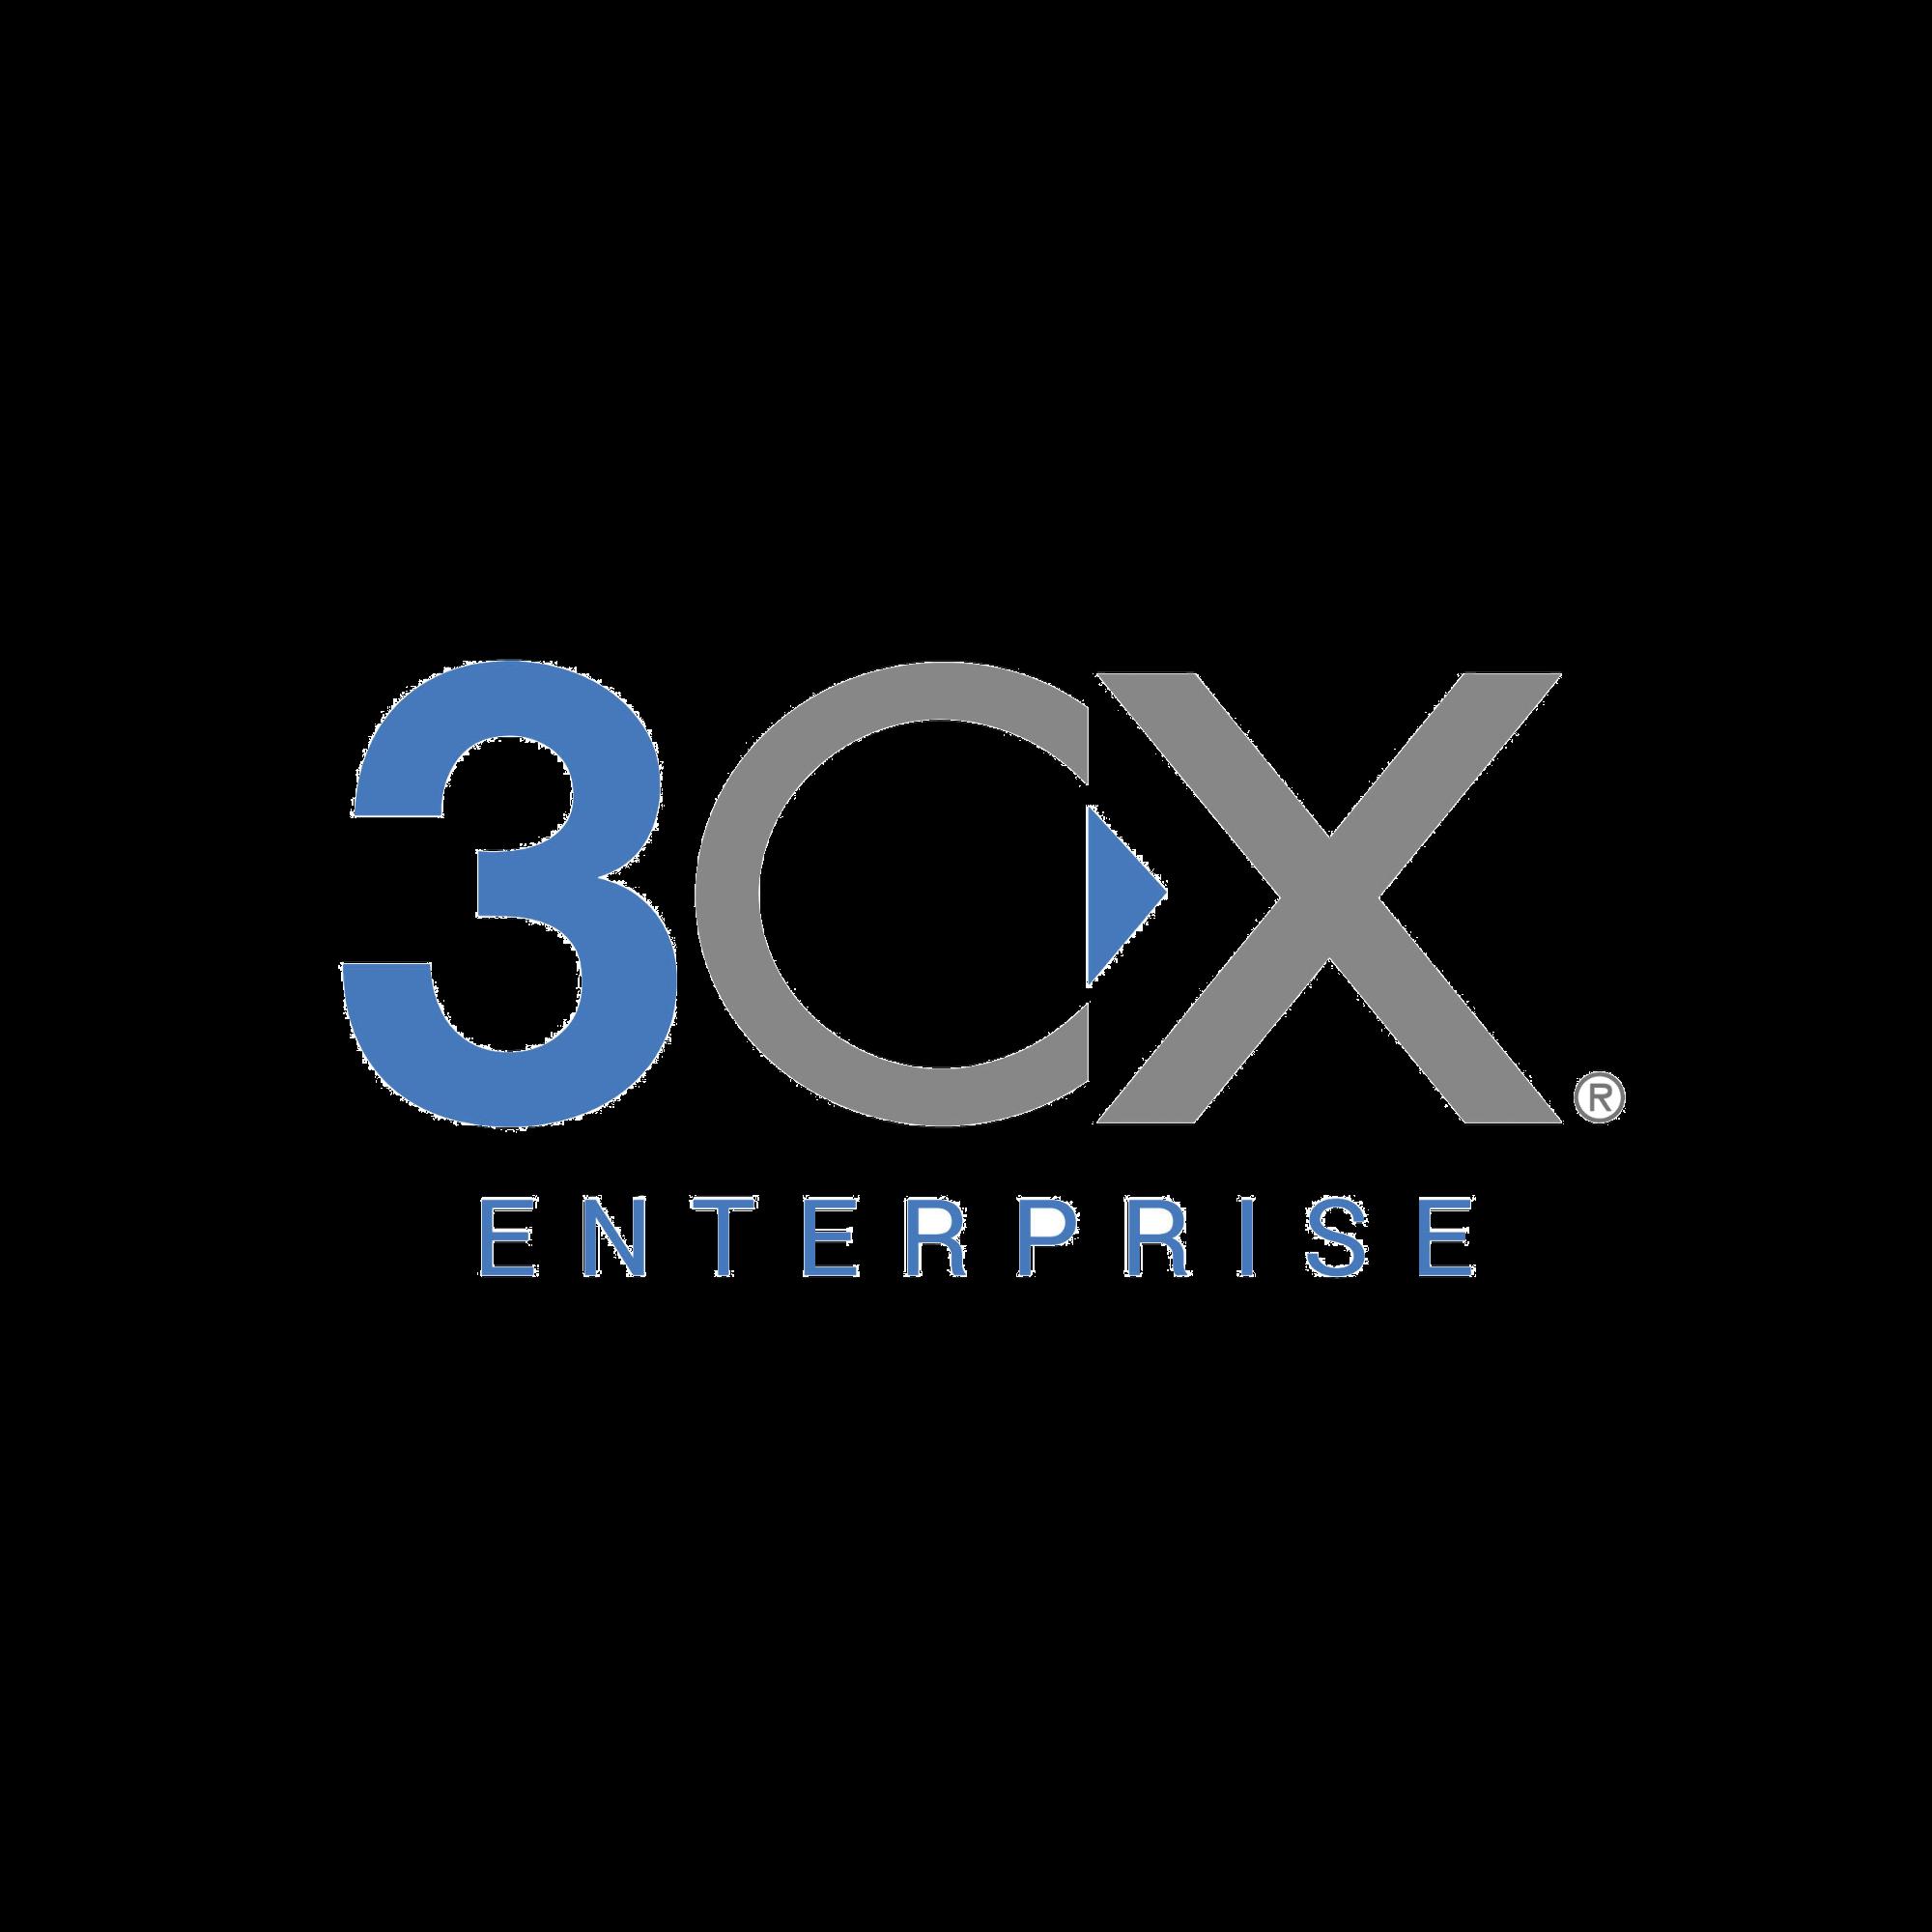 Licencia anual de 3CX Enterprise para 8 llamadas simultáneas y extensiones ilimitadas